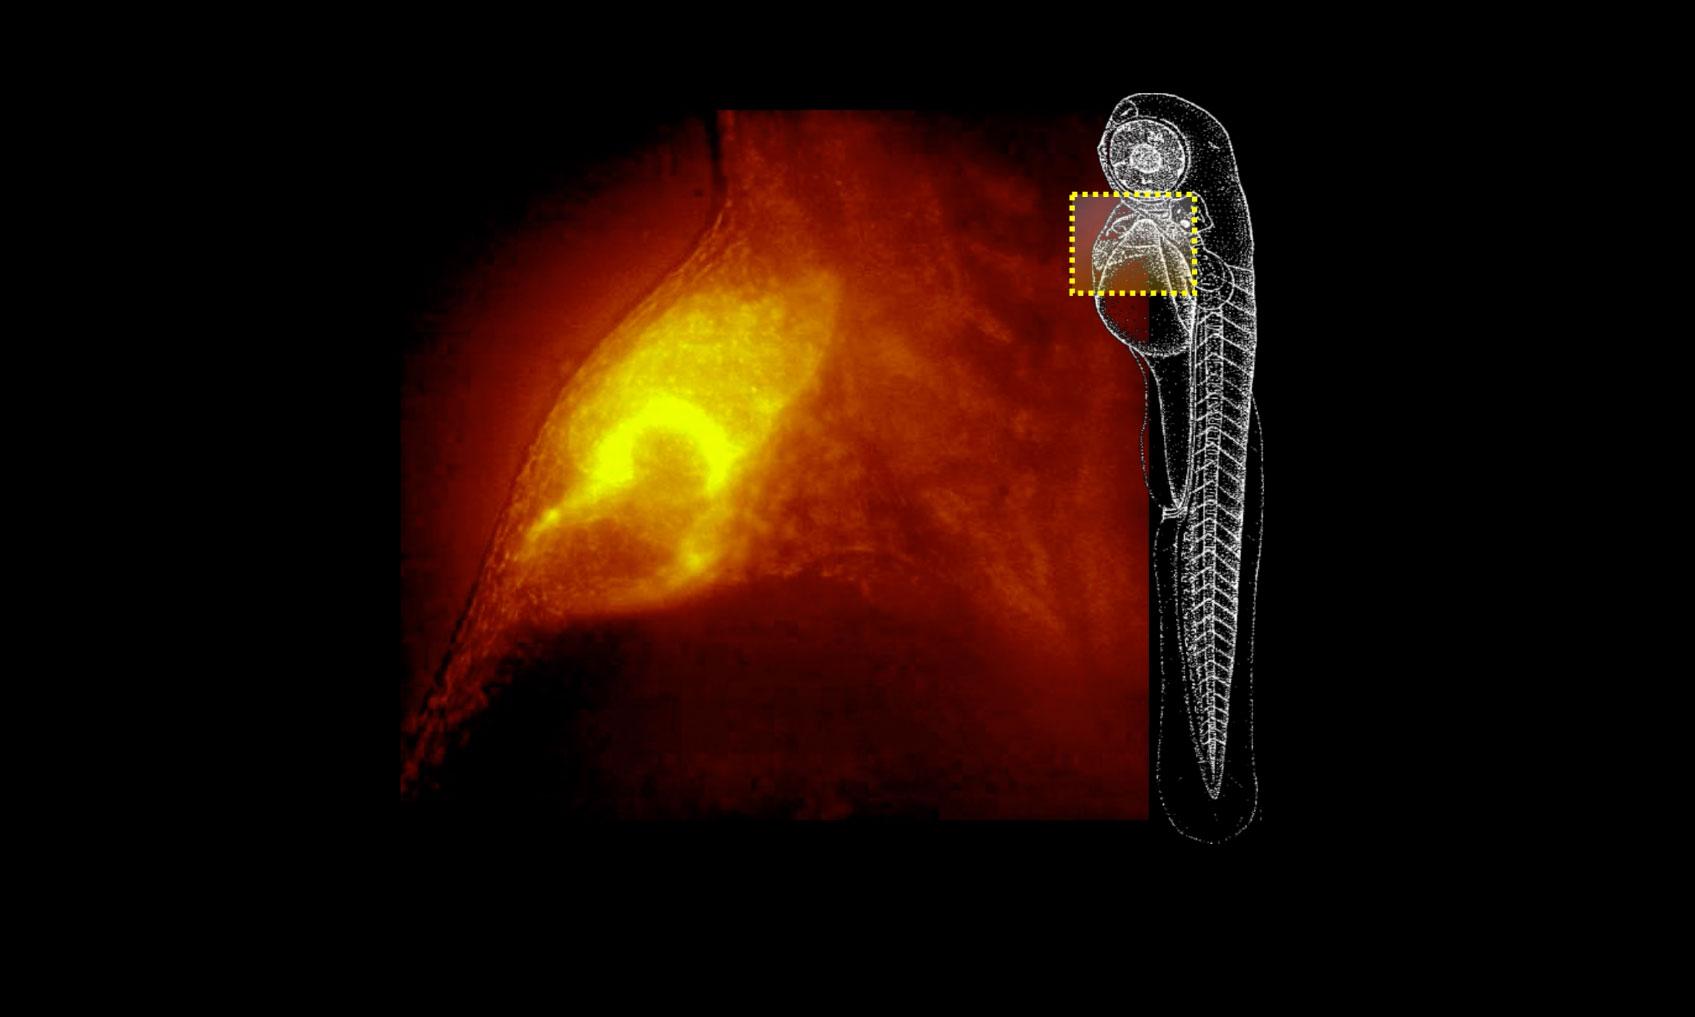 un microscopio extrae imágenes 3d de organismos vivos en movimiento